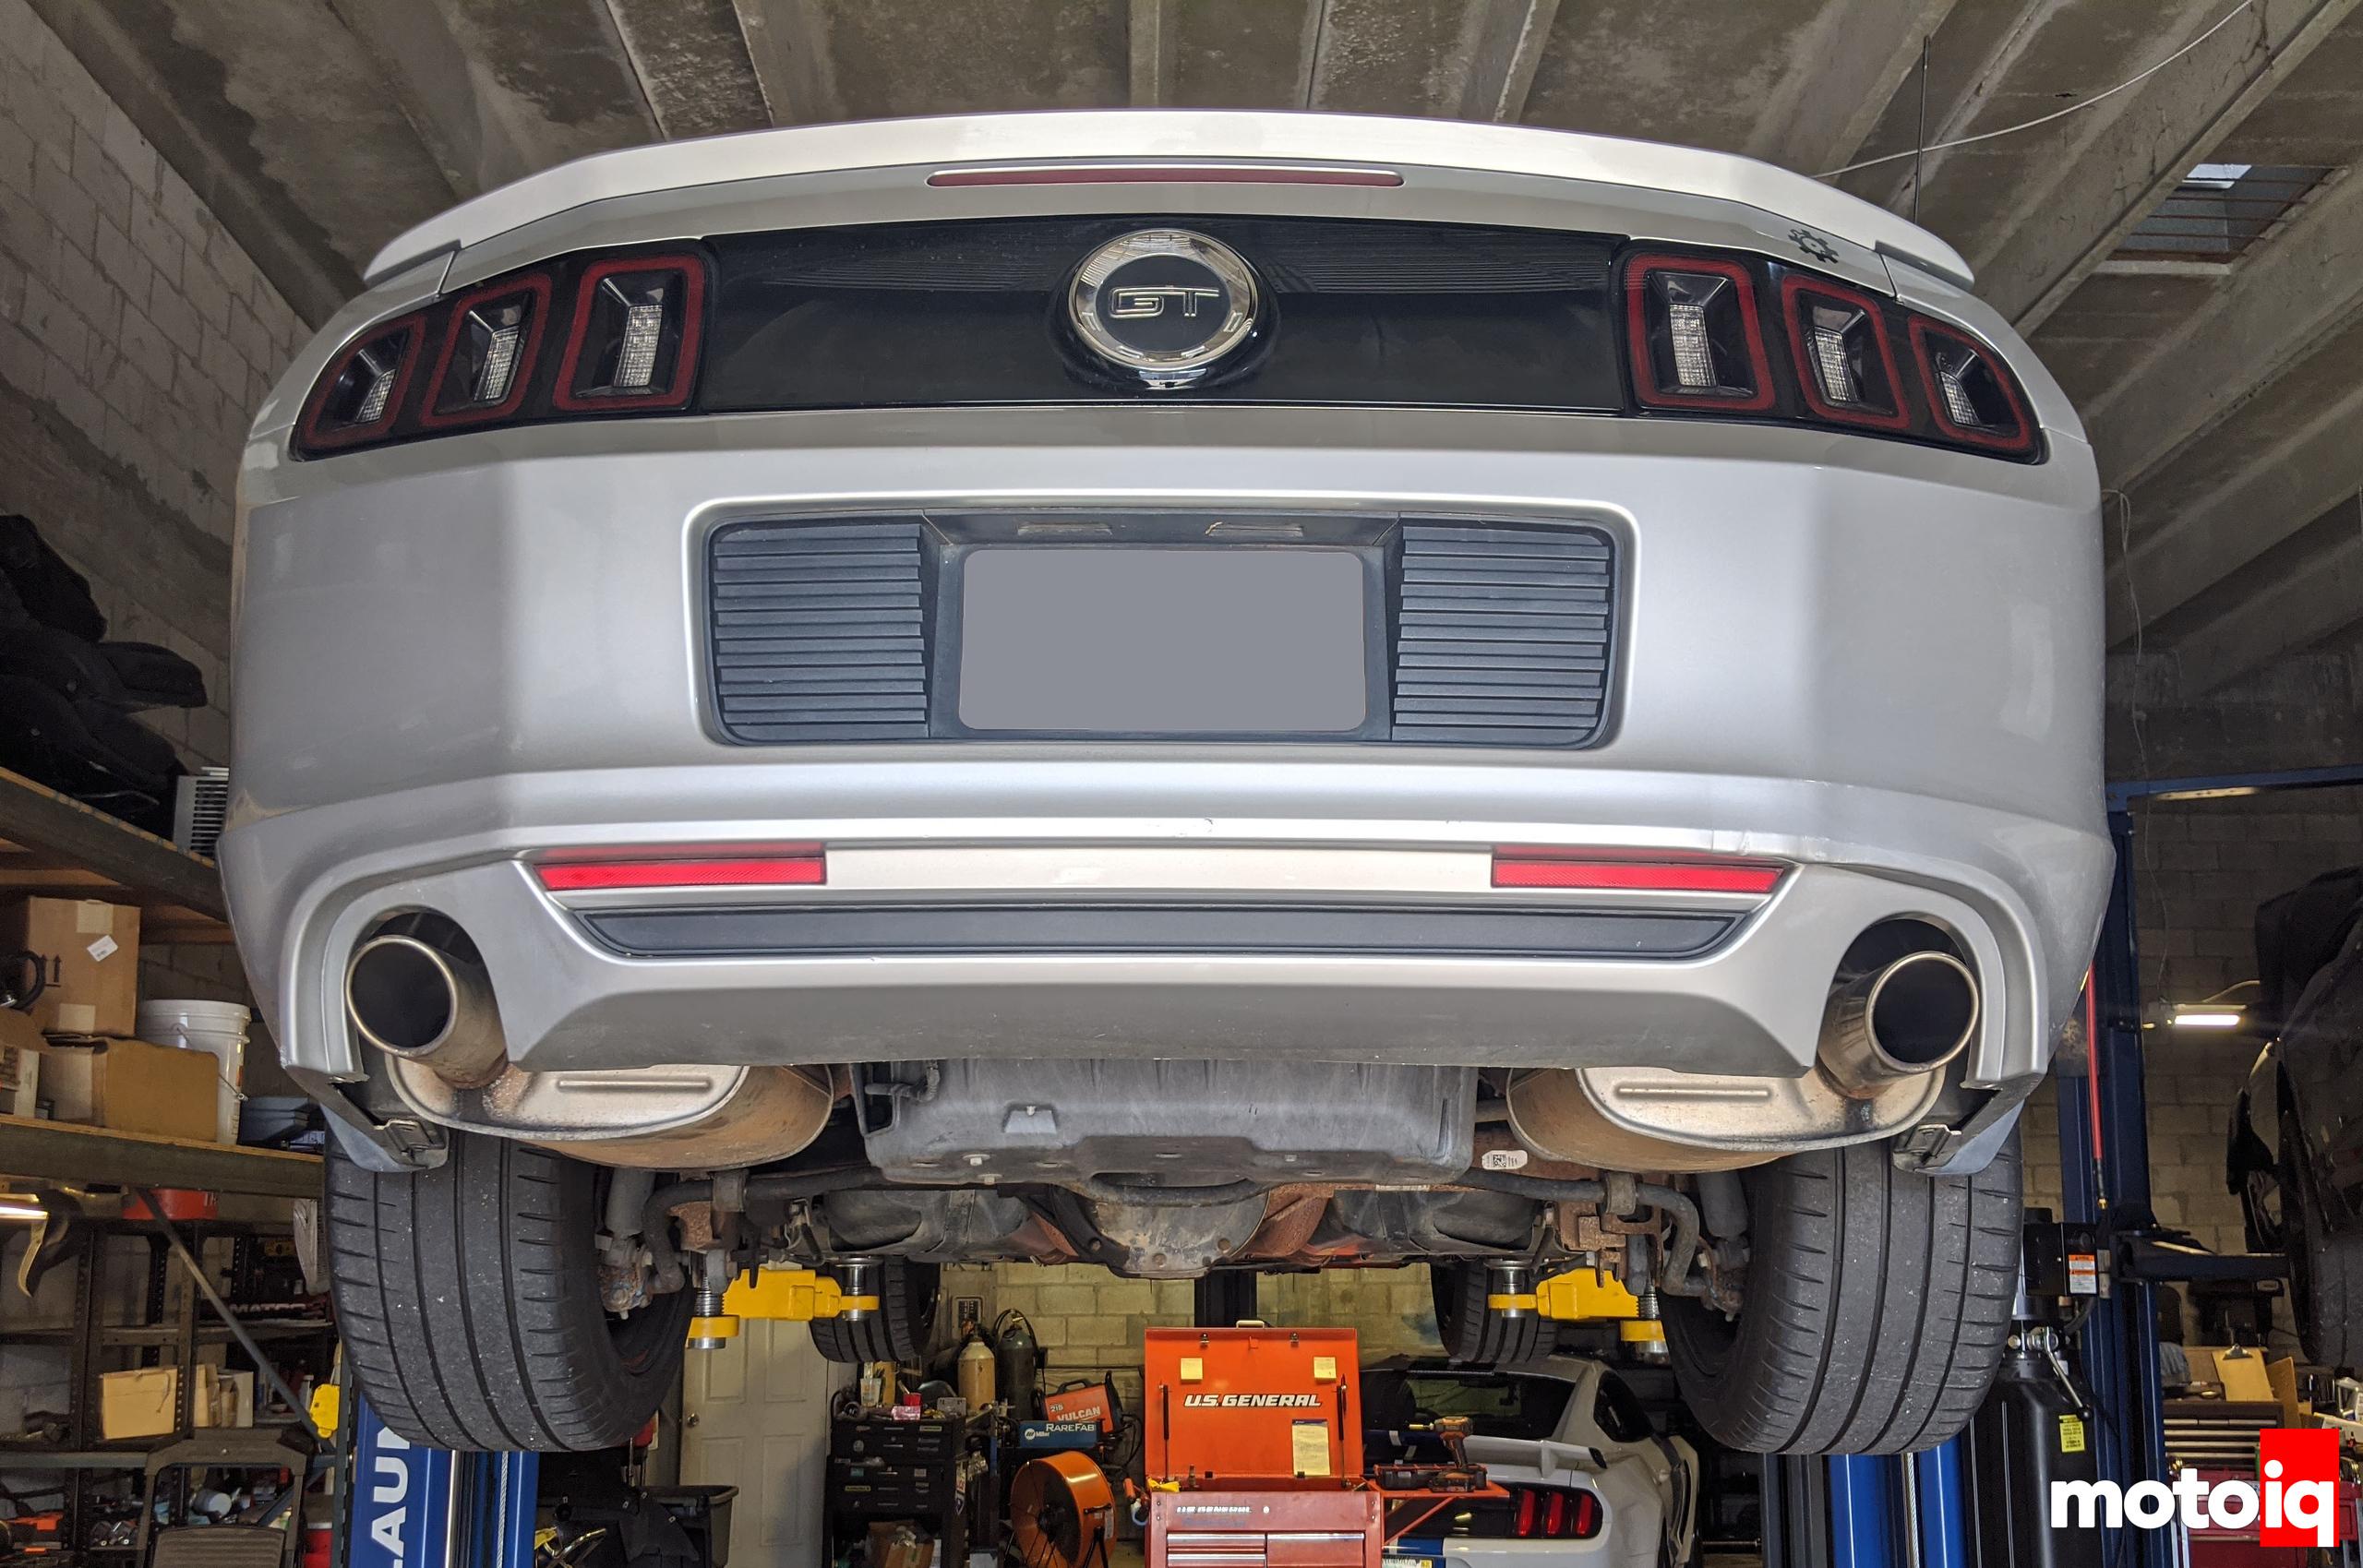 Stock 2014 Mustang GT Exhaust